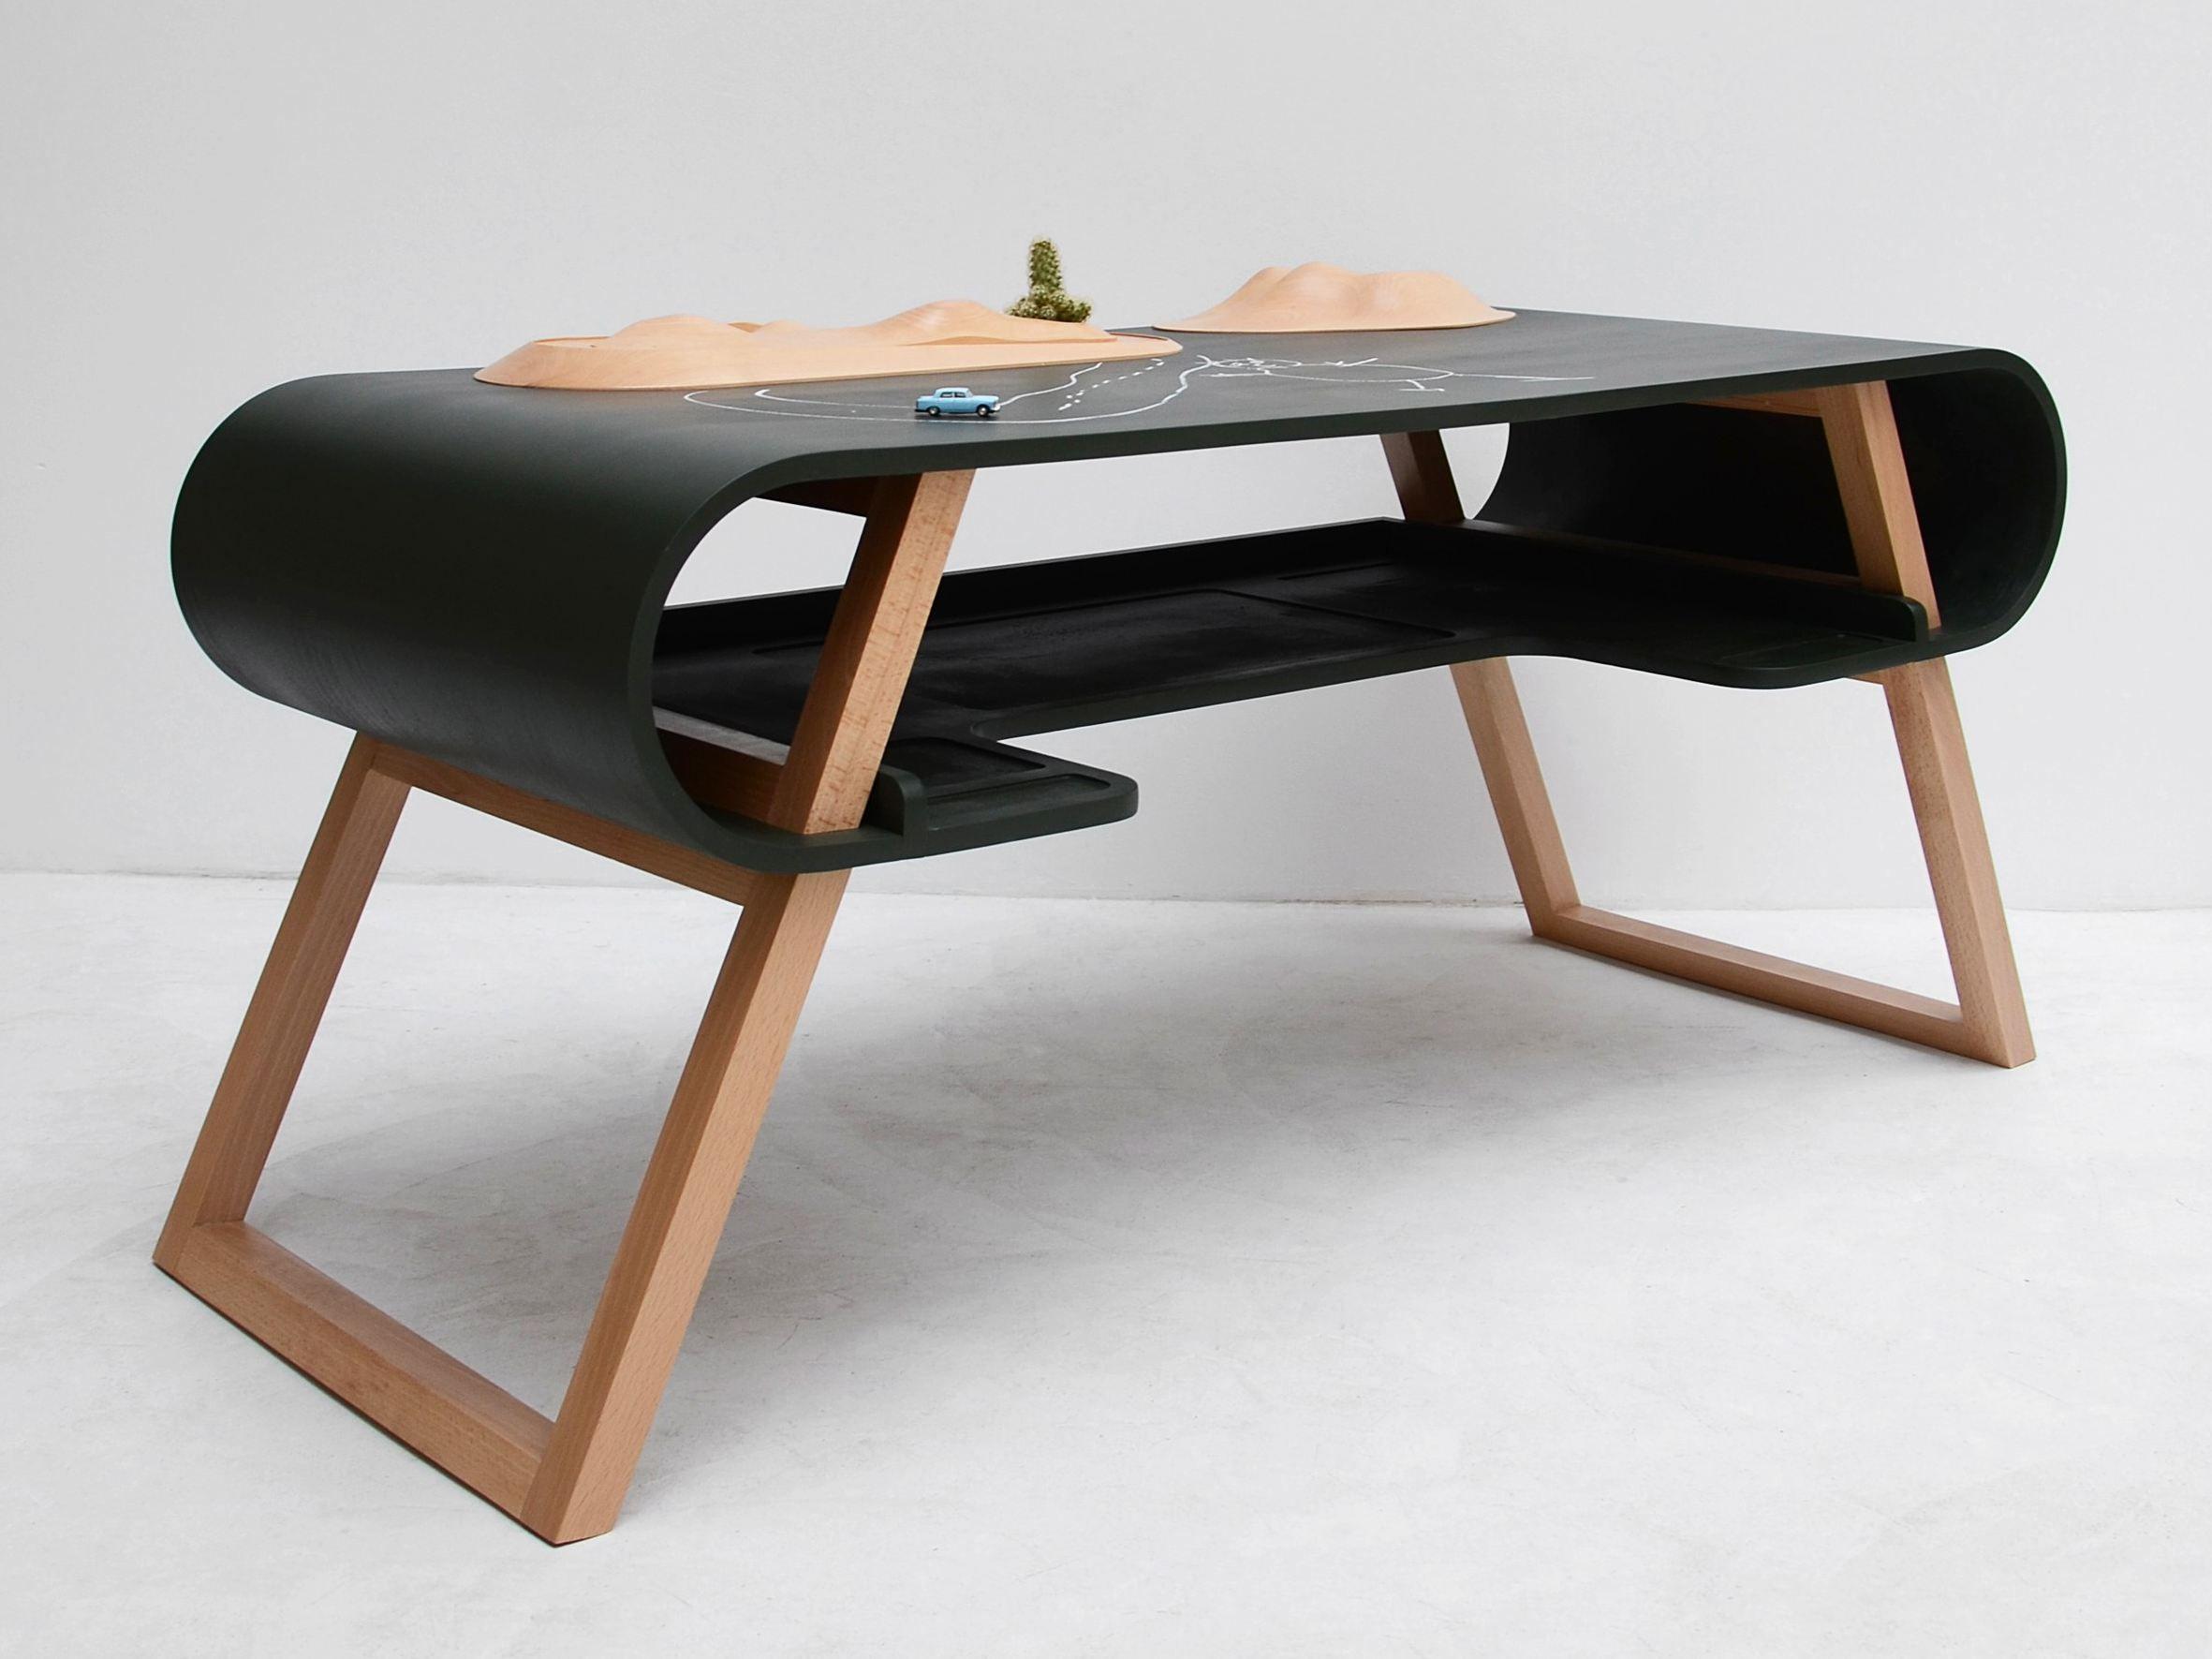 escritorio de mdf para de nios rubens by compagnie diseo jean franois bellemre